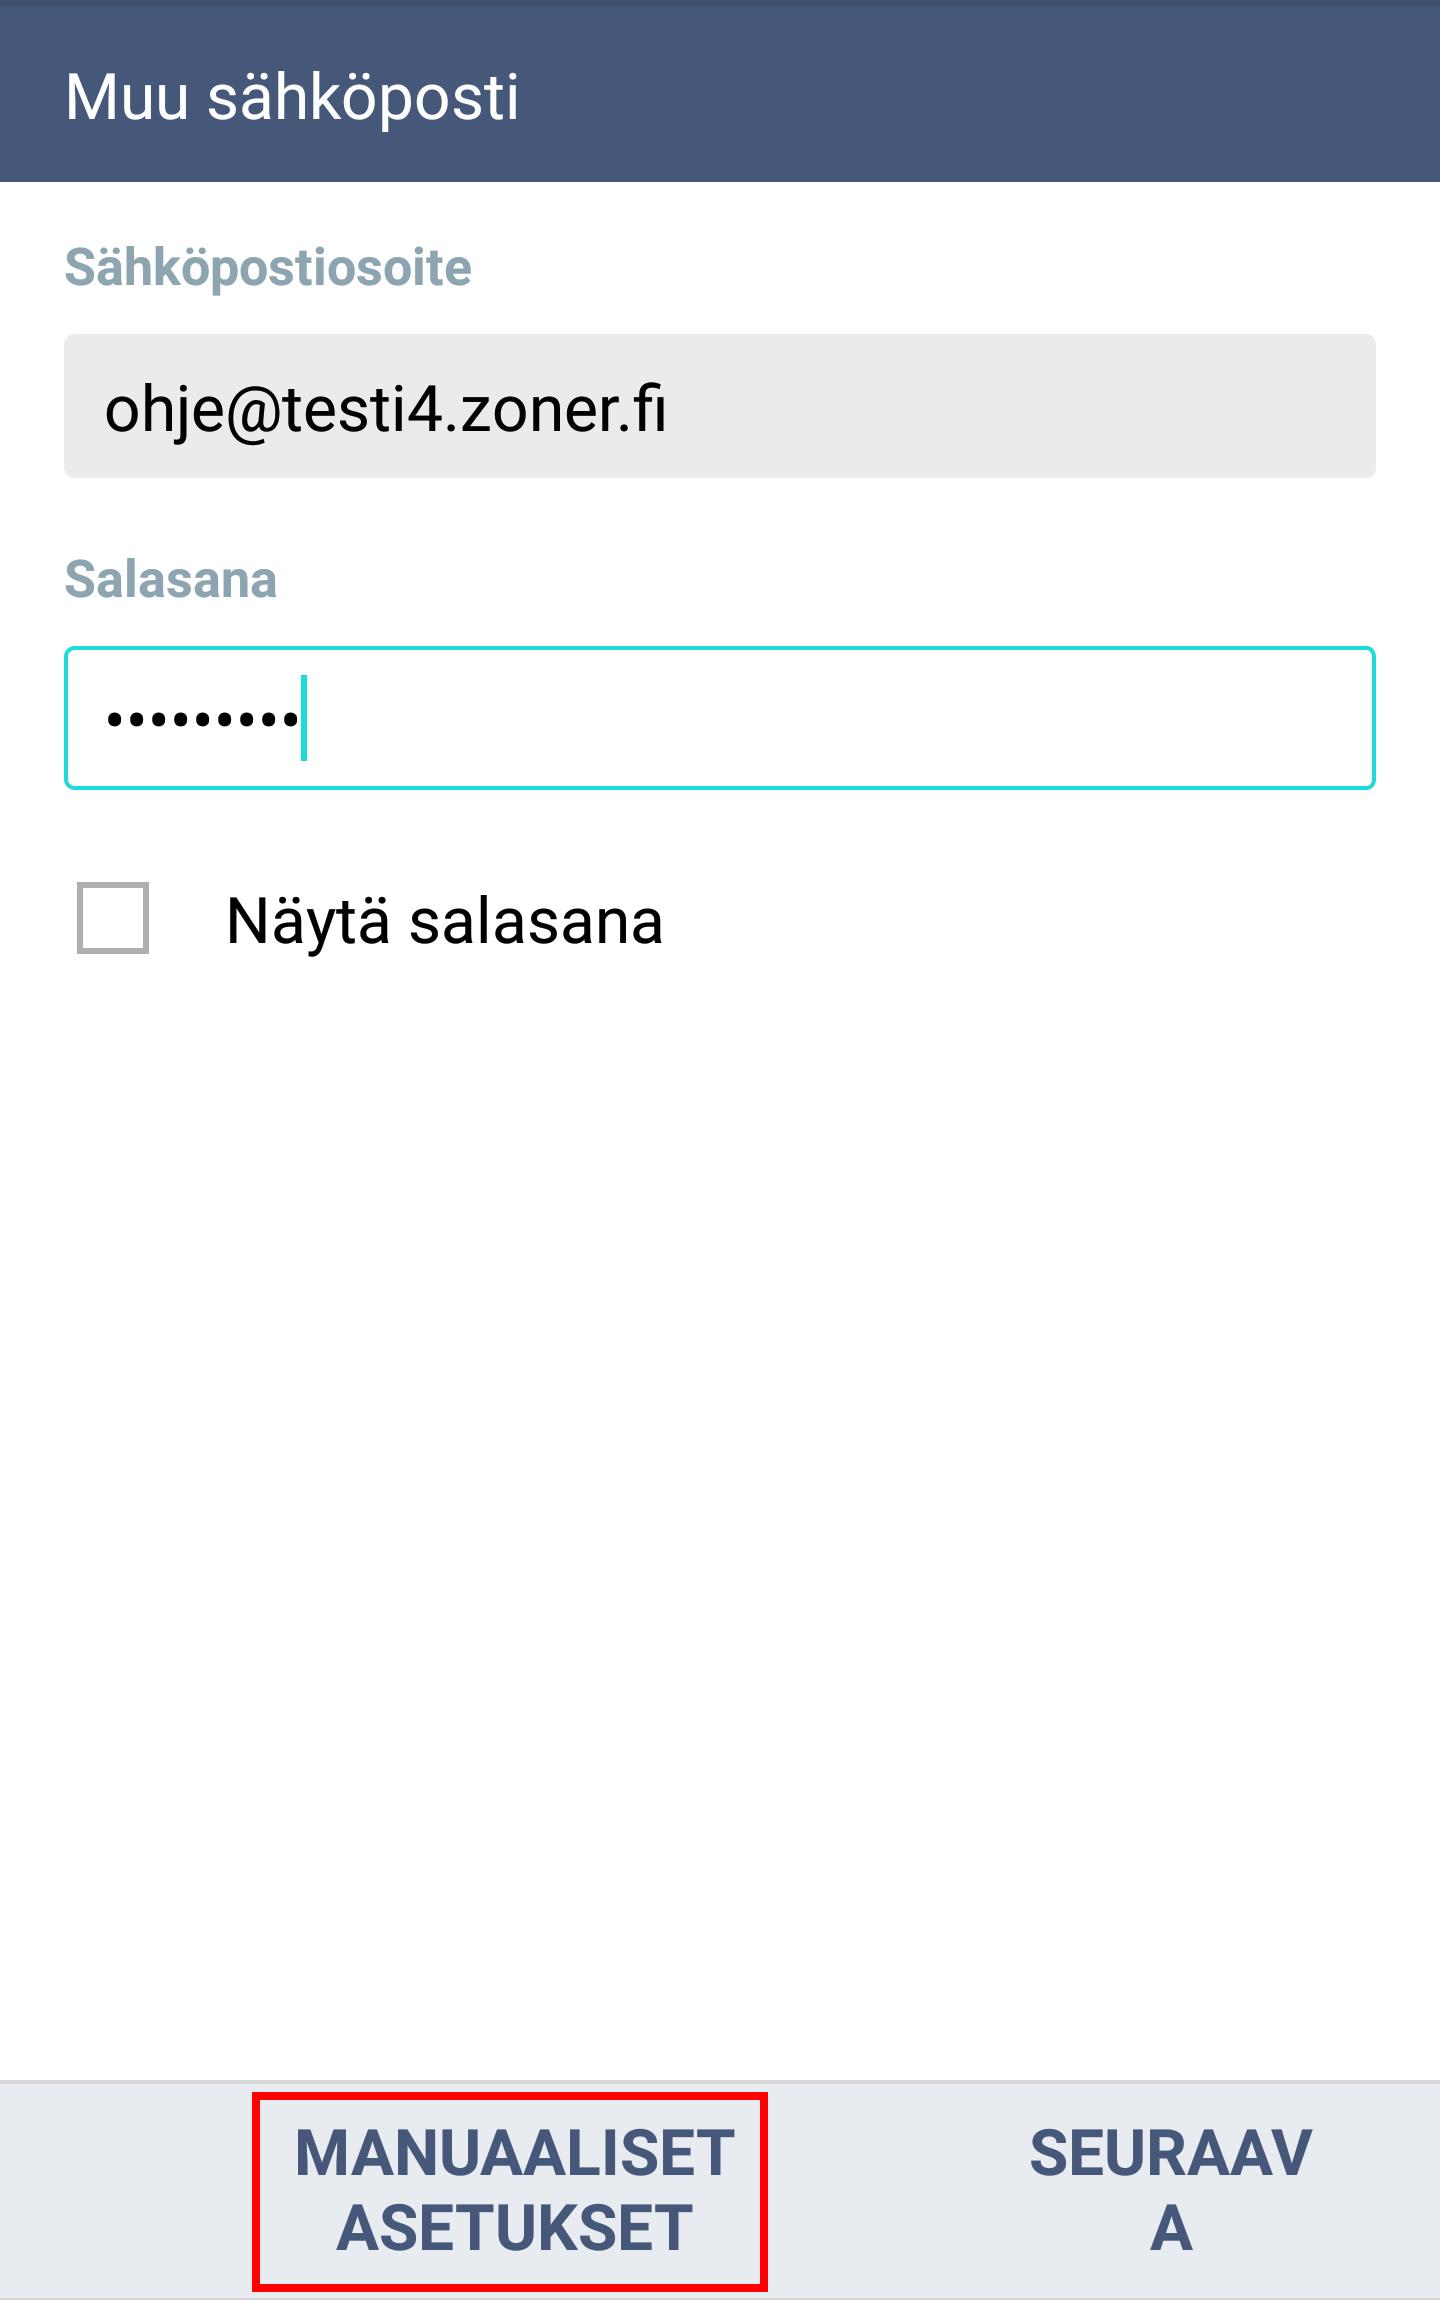 http://staticweb.zoner.fi/tuki/webhotellit/android/kuva_5.jpg